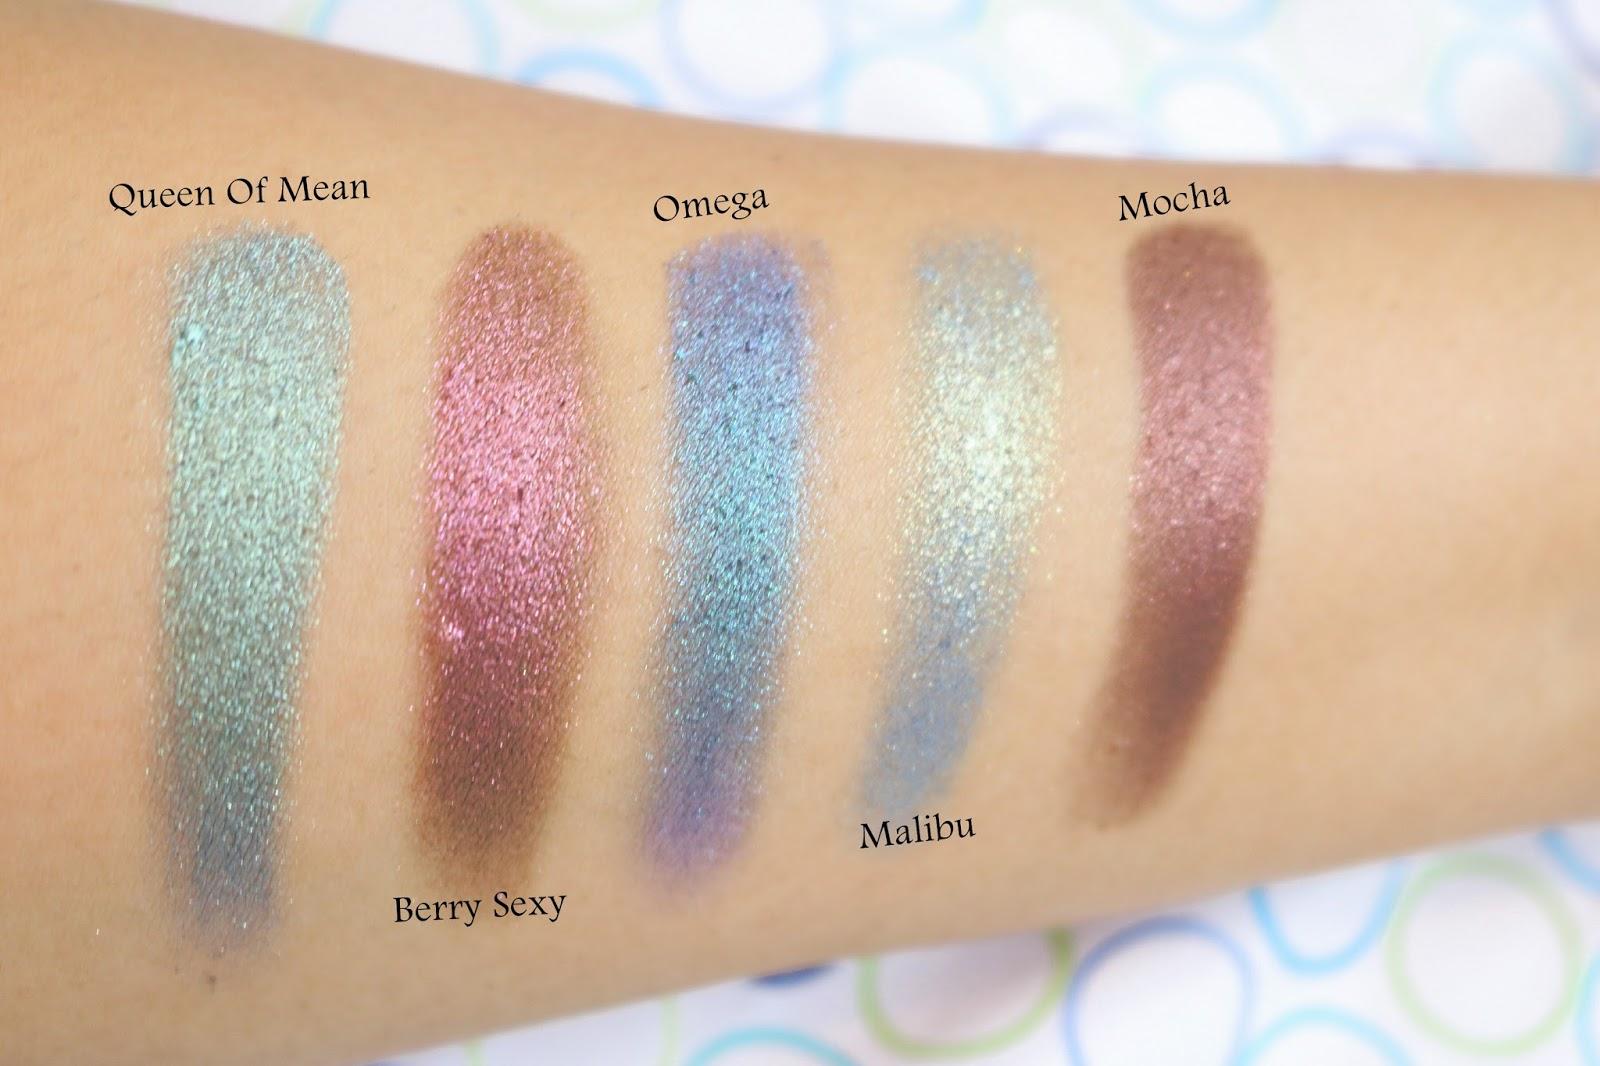 Pressed Eyeshadow Pan by Makeup Geek #12